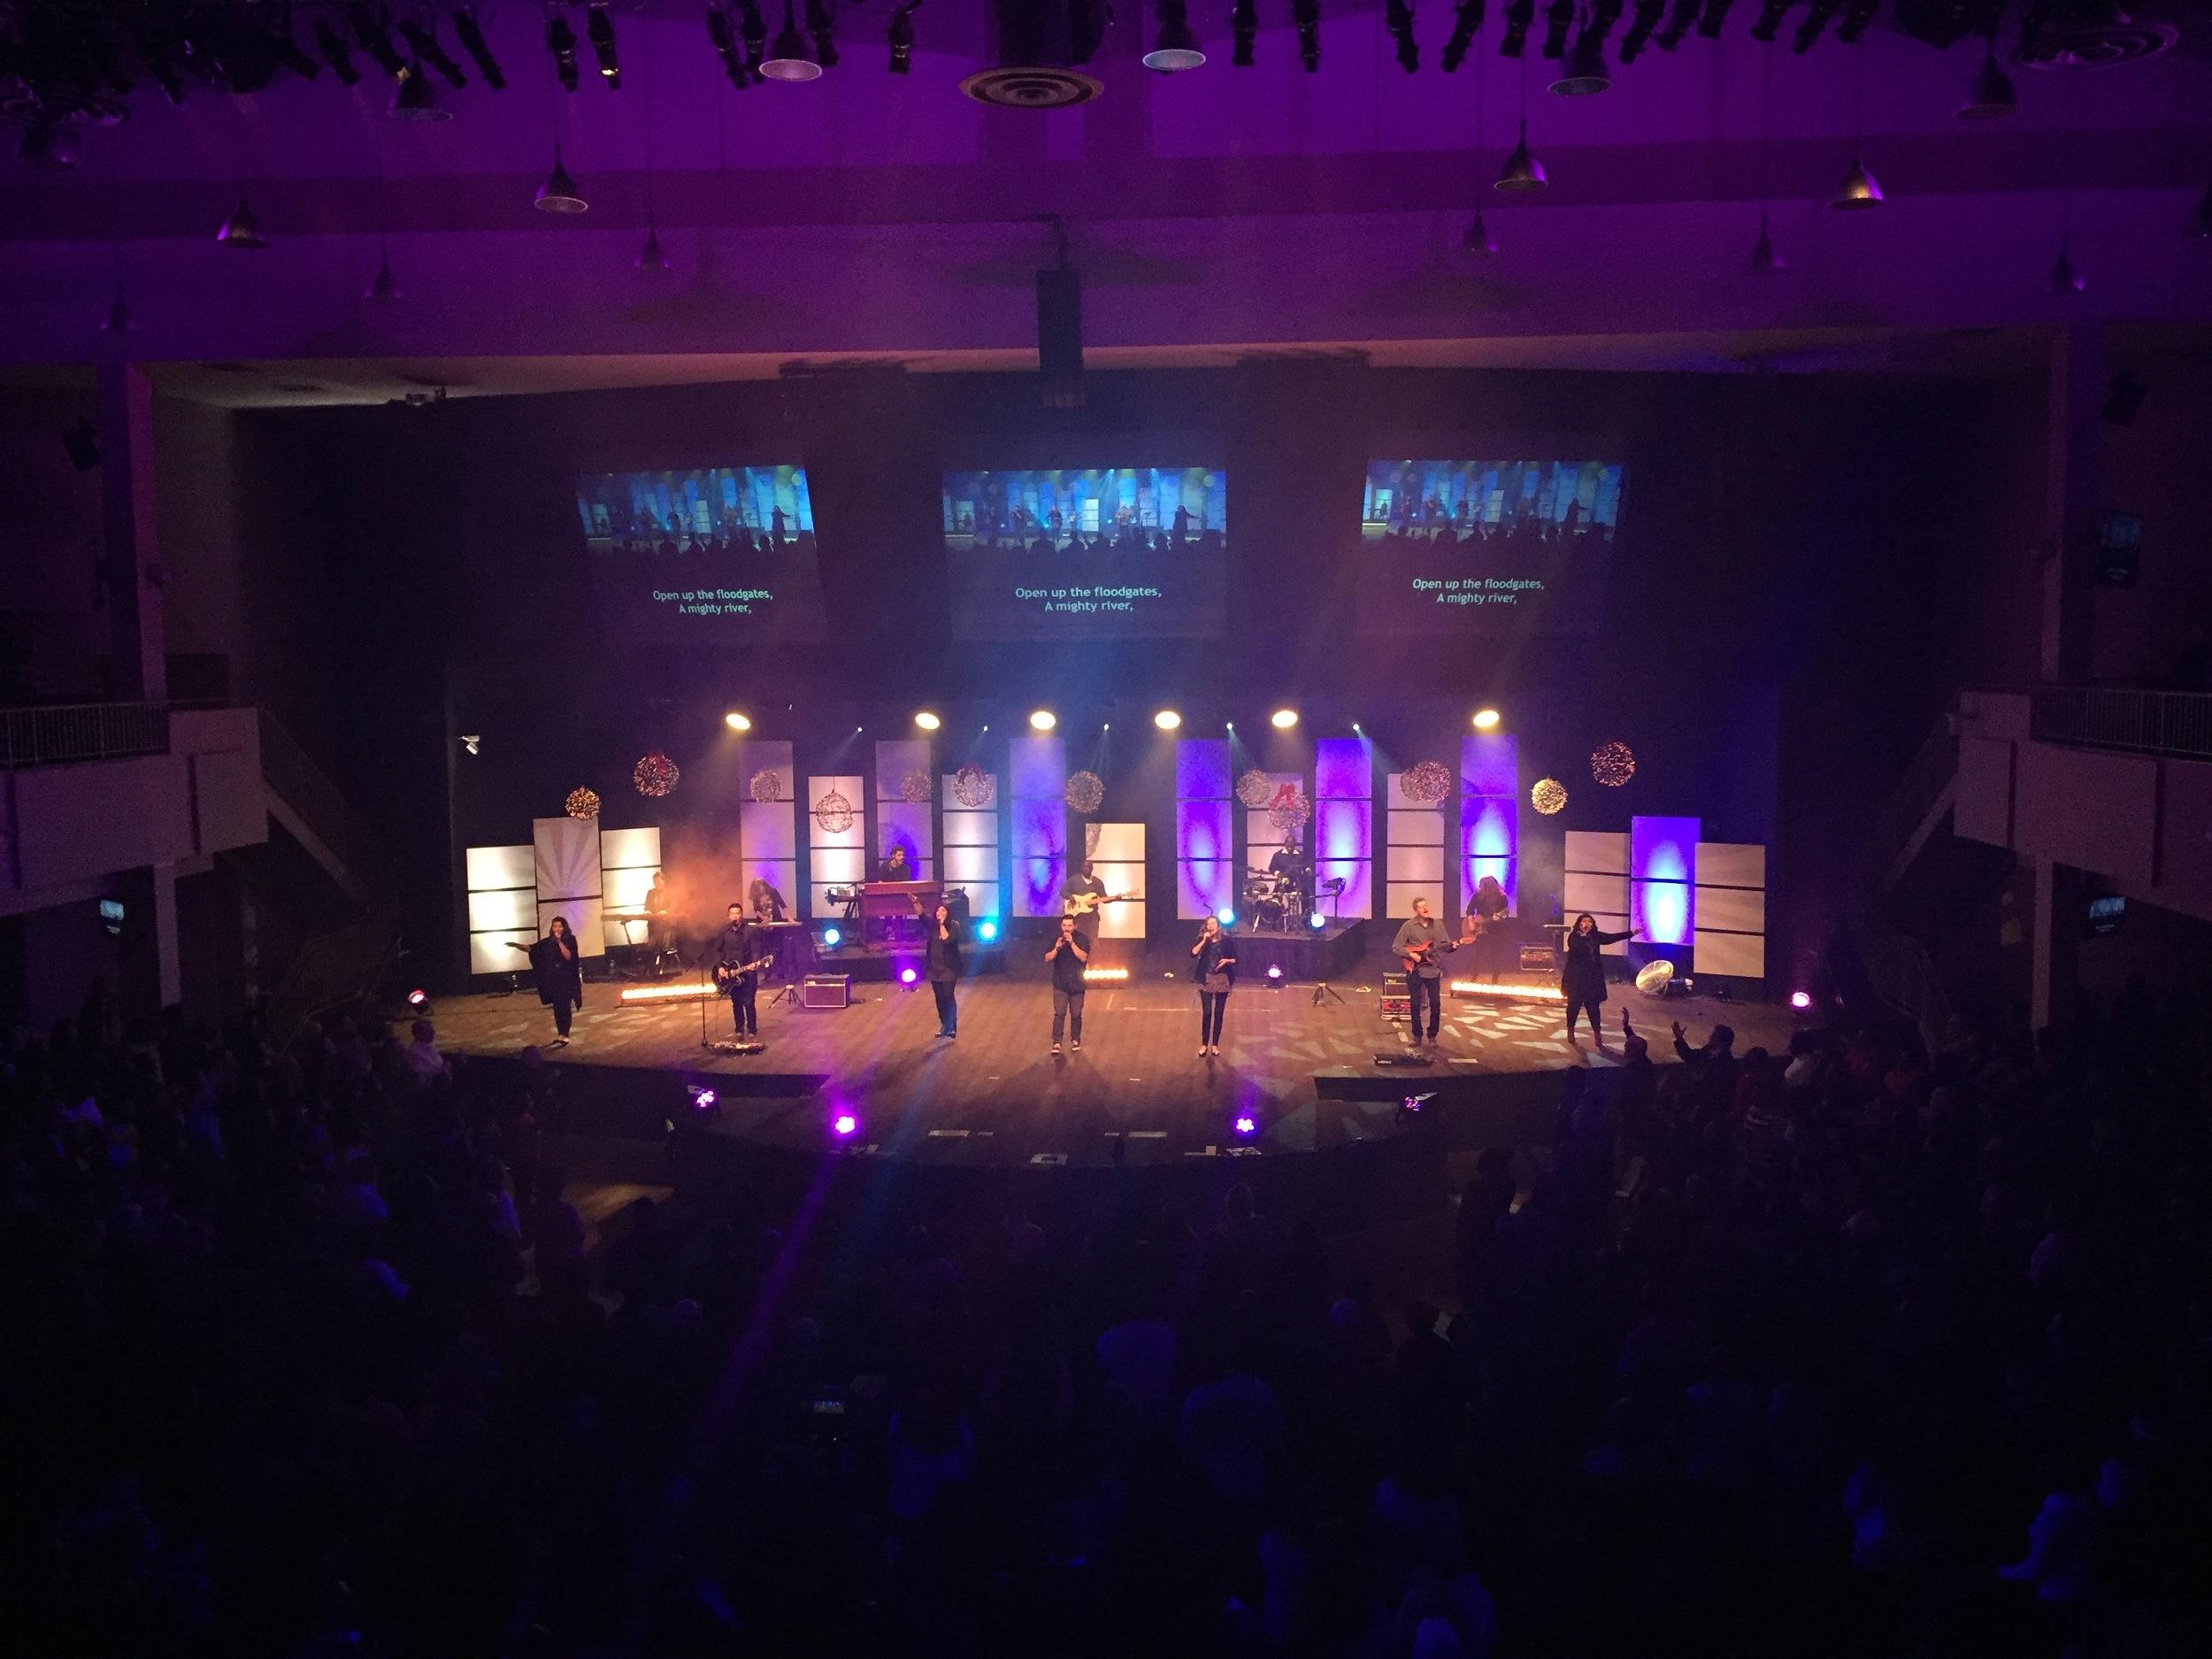 COR_Gaithersburg_Campus_Worship_Center_27.jpg